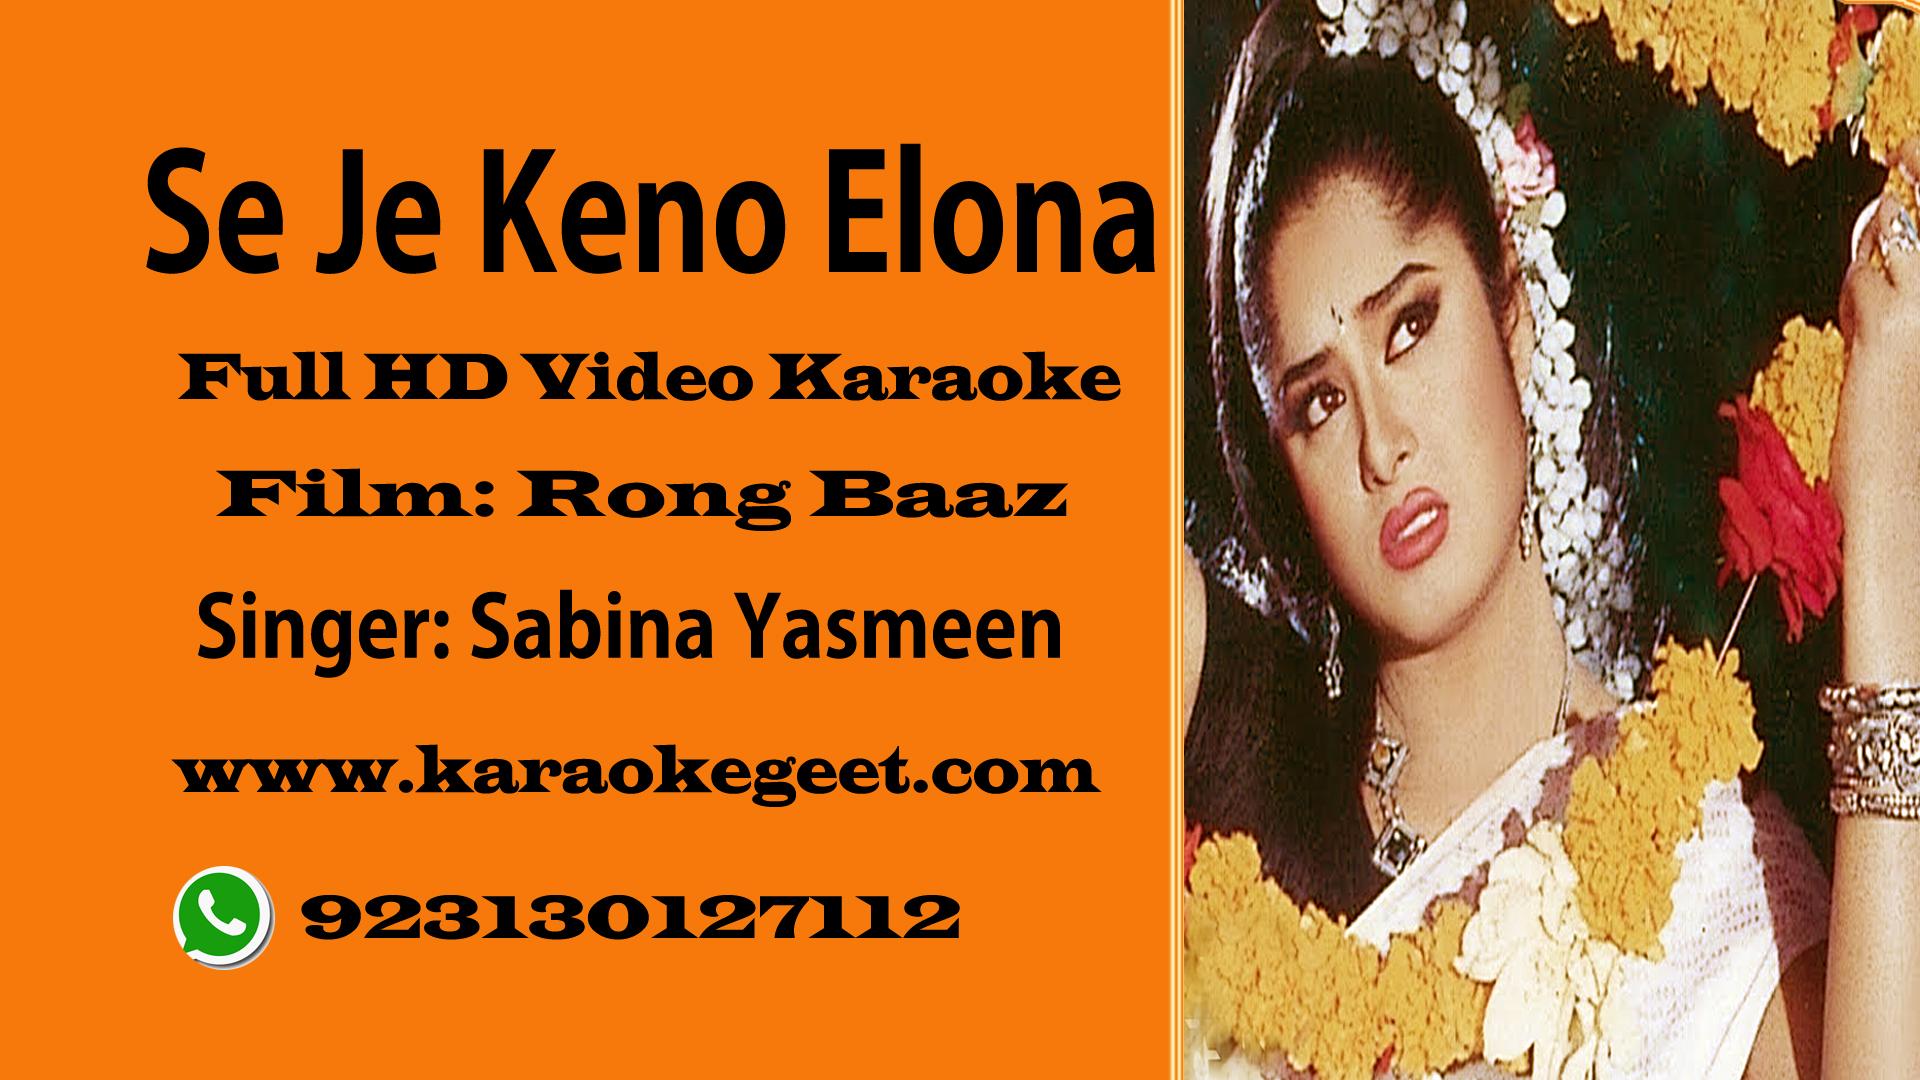 Se je keno elona kichhu valo lagena Video Karaoke